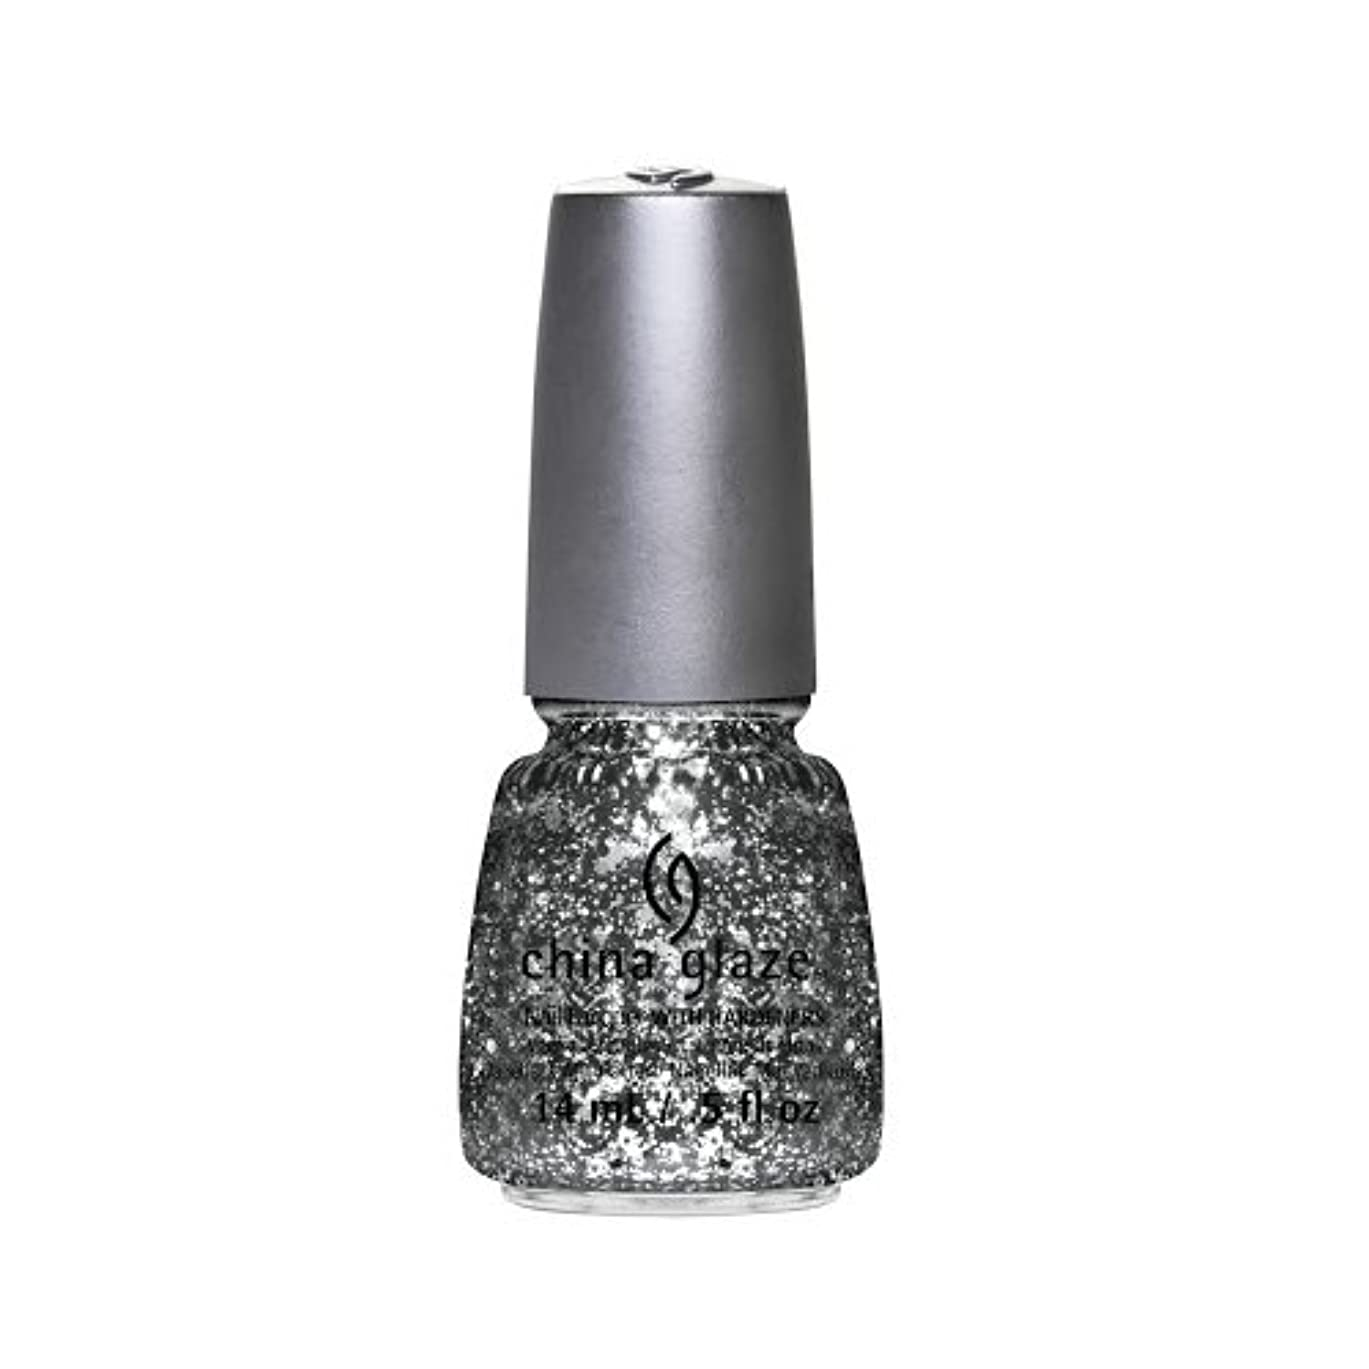 曖昧なセイはさておき副(3 Pack) CHINA GLAZE Nail Lacquer - Glitz Bitz ?n Pieces Collection - Gltz'n Pieces (並行輸入品)